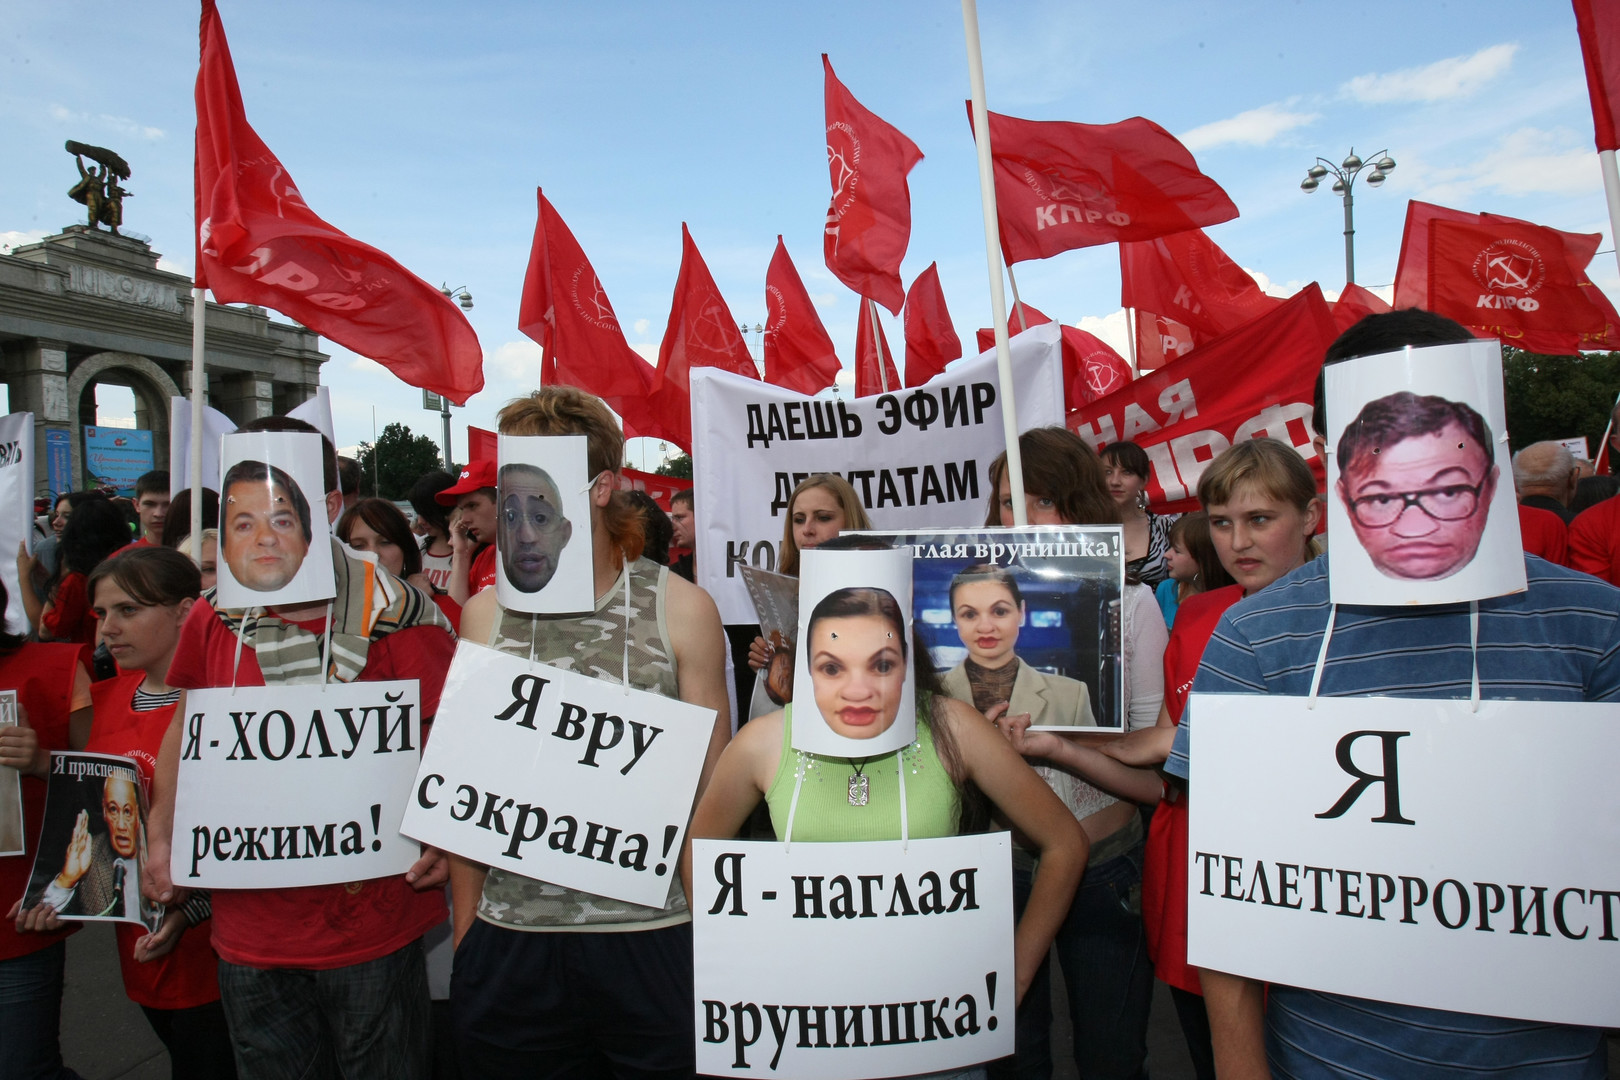 Medienanalyse in Russland: Sind Nutzer regierungskritischer Medien eigentlich Oppositionelle?